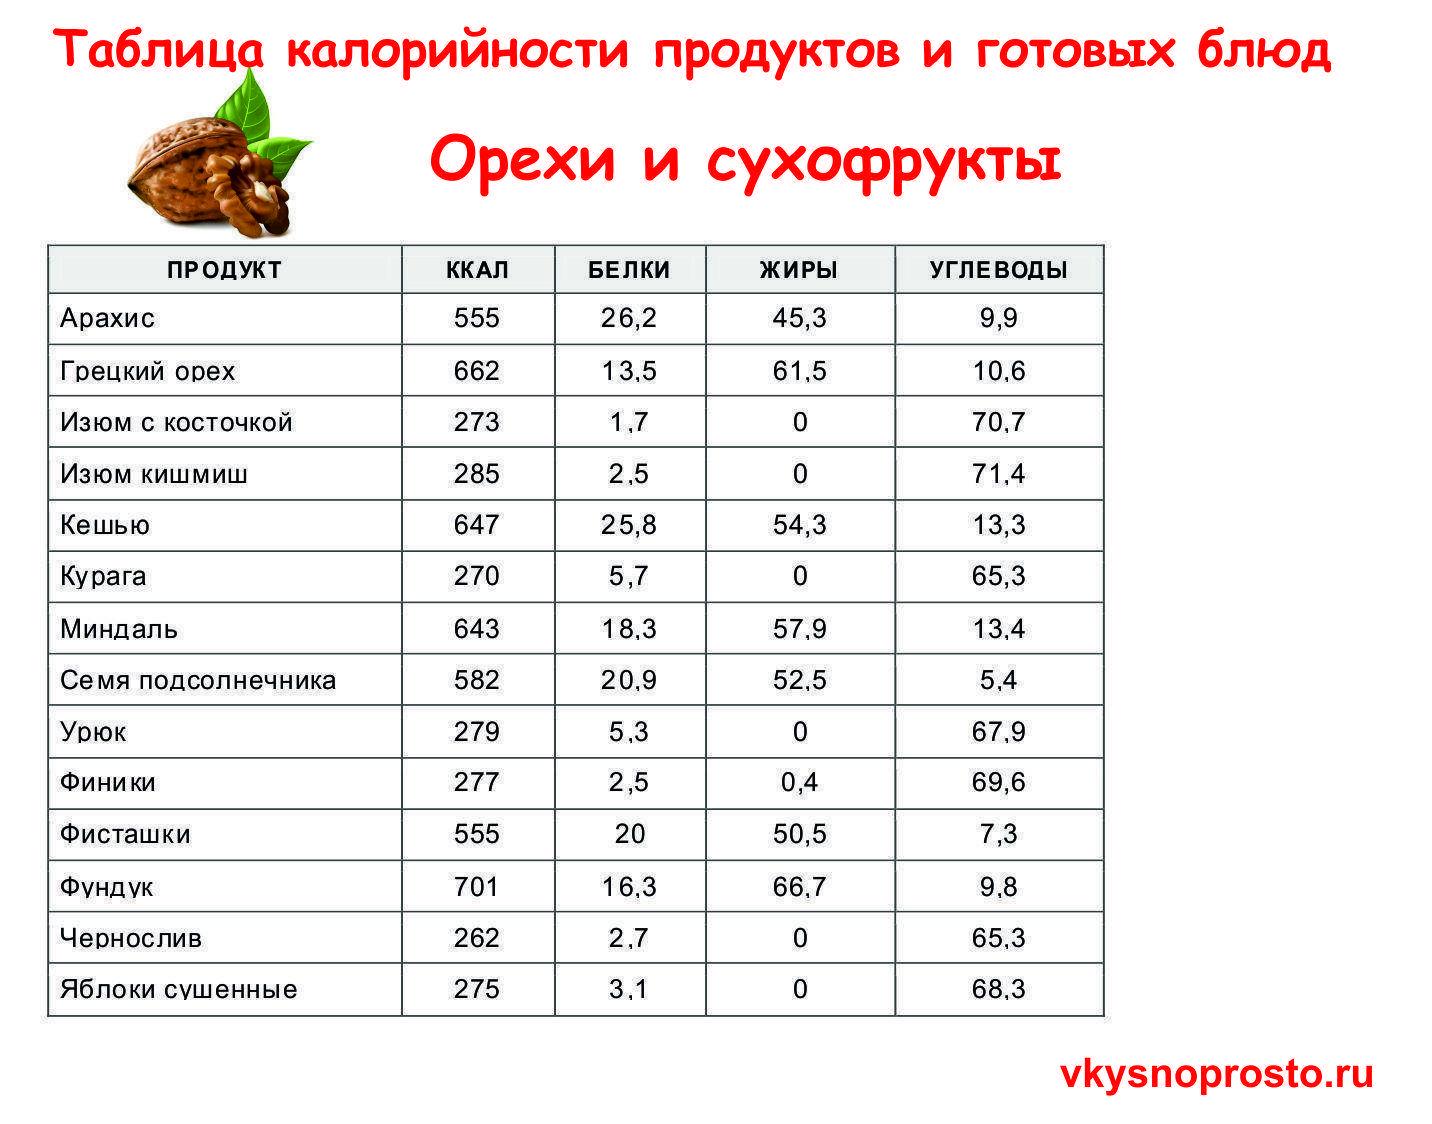 Таблица калорийности продуктов - распечатать